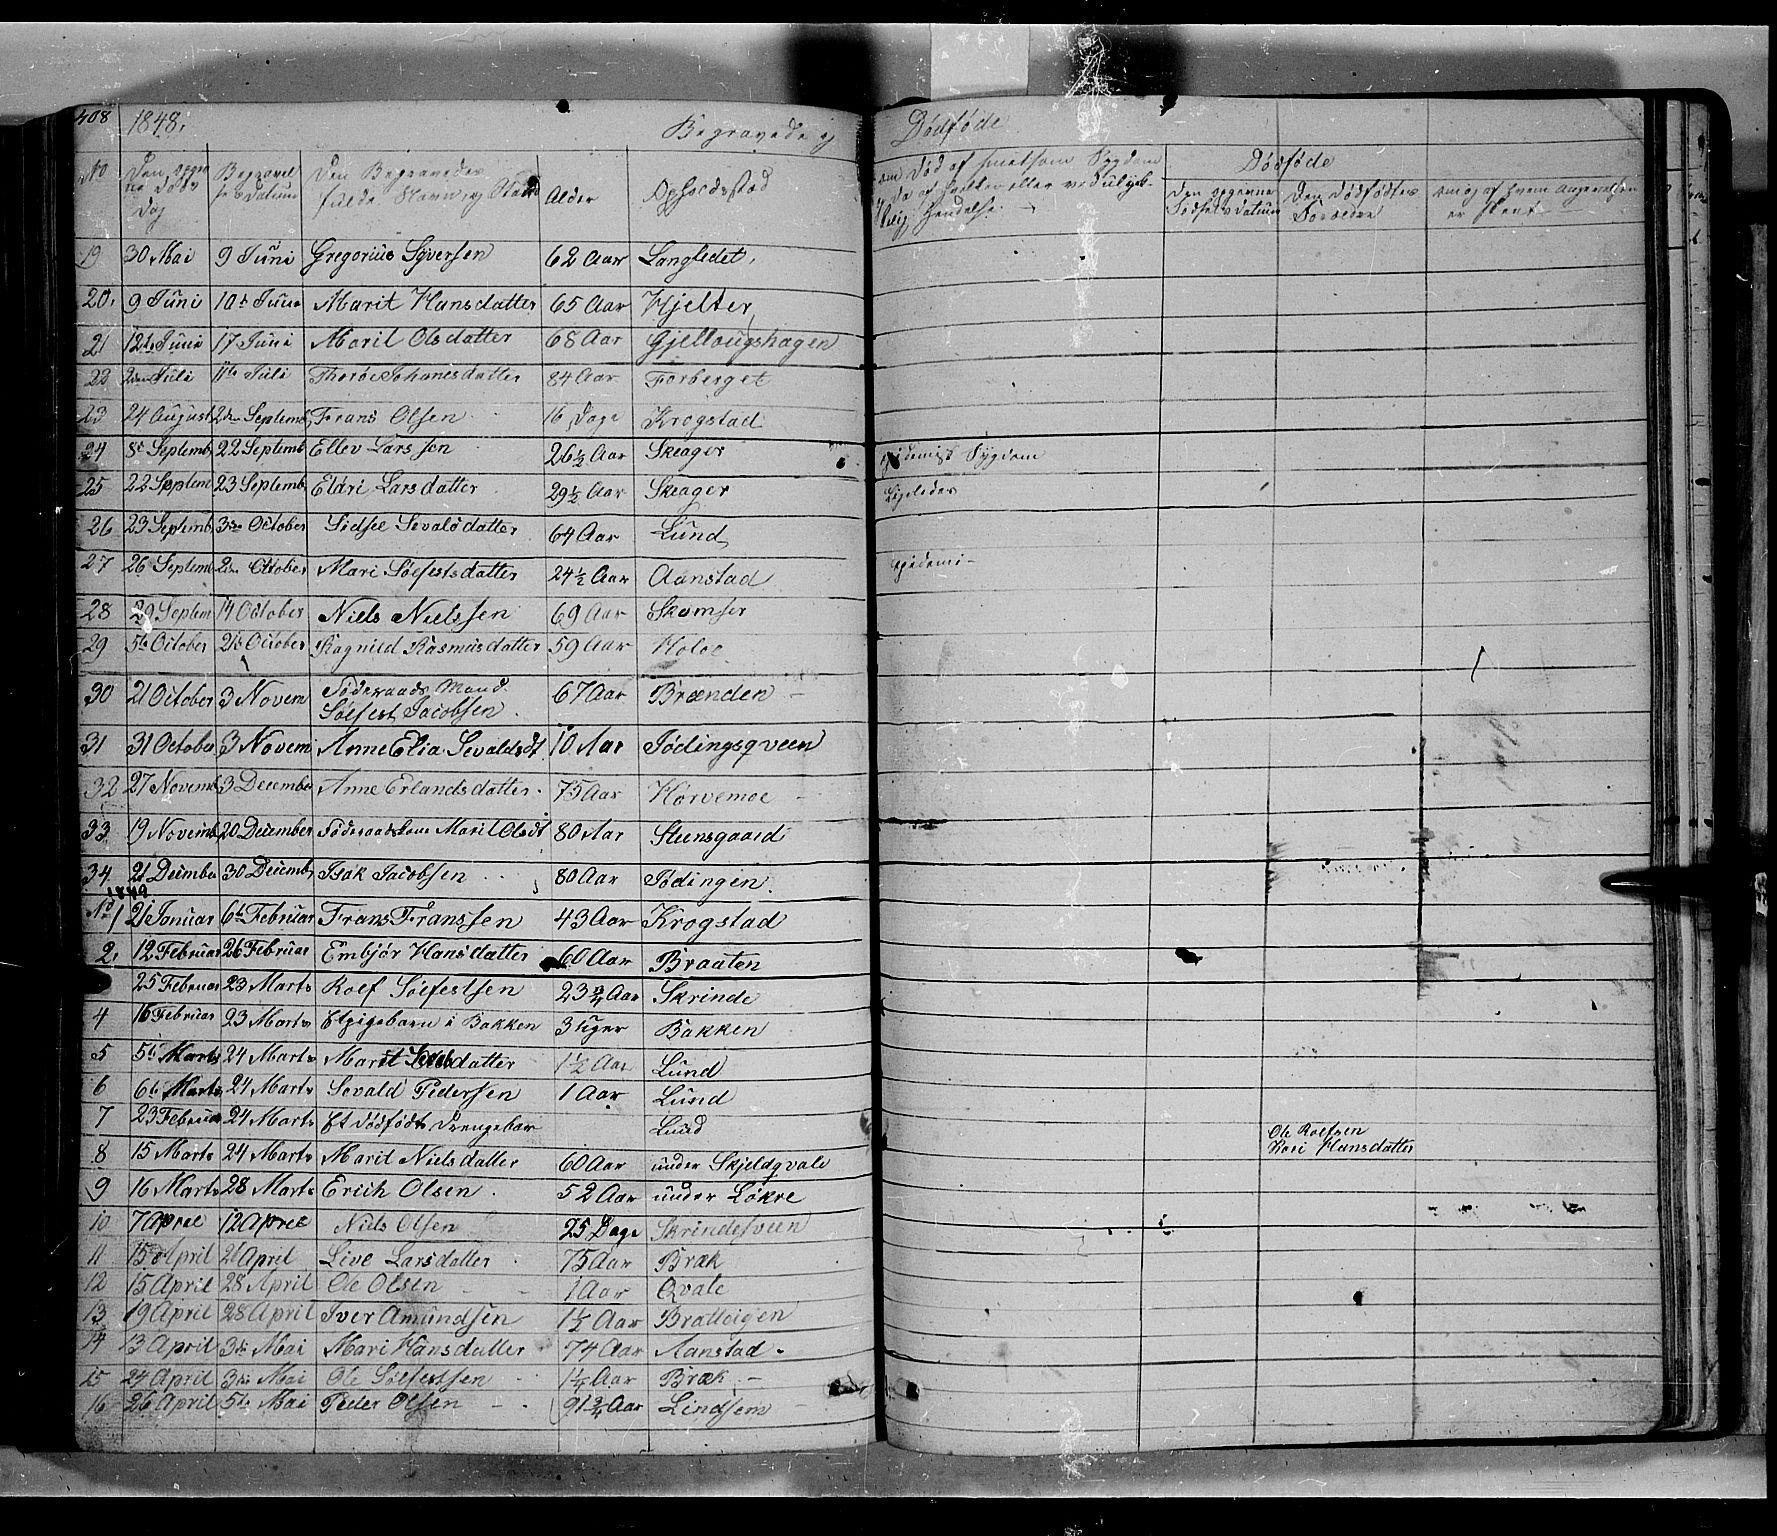 SAH, Lom prestekontor, L/L0004: Klokkerbok nr. 4, 1845-1864, s. 408-409